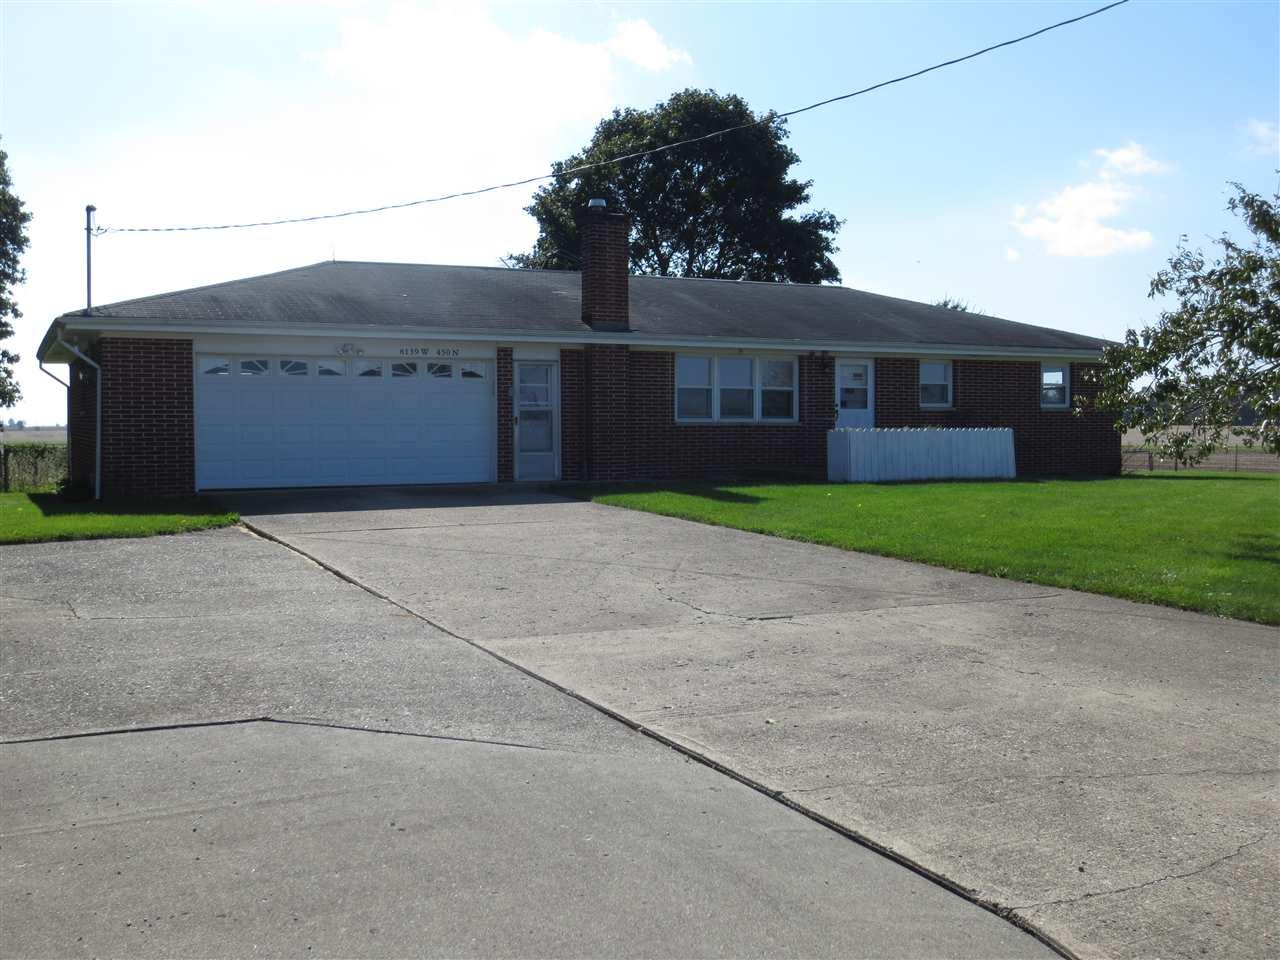 6139 W 450 North, Sharpsville, IN - USA (photo 1)